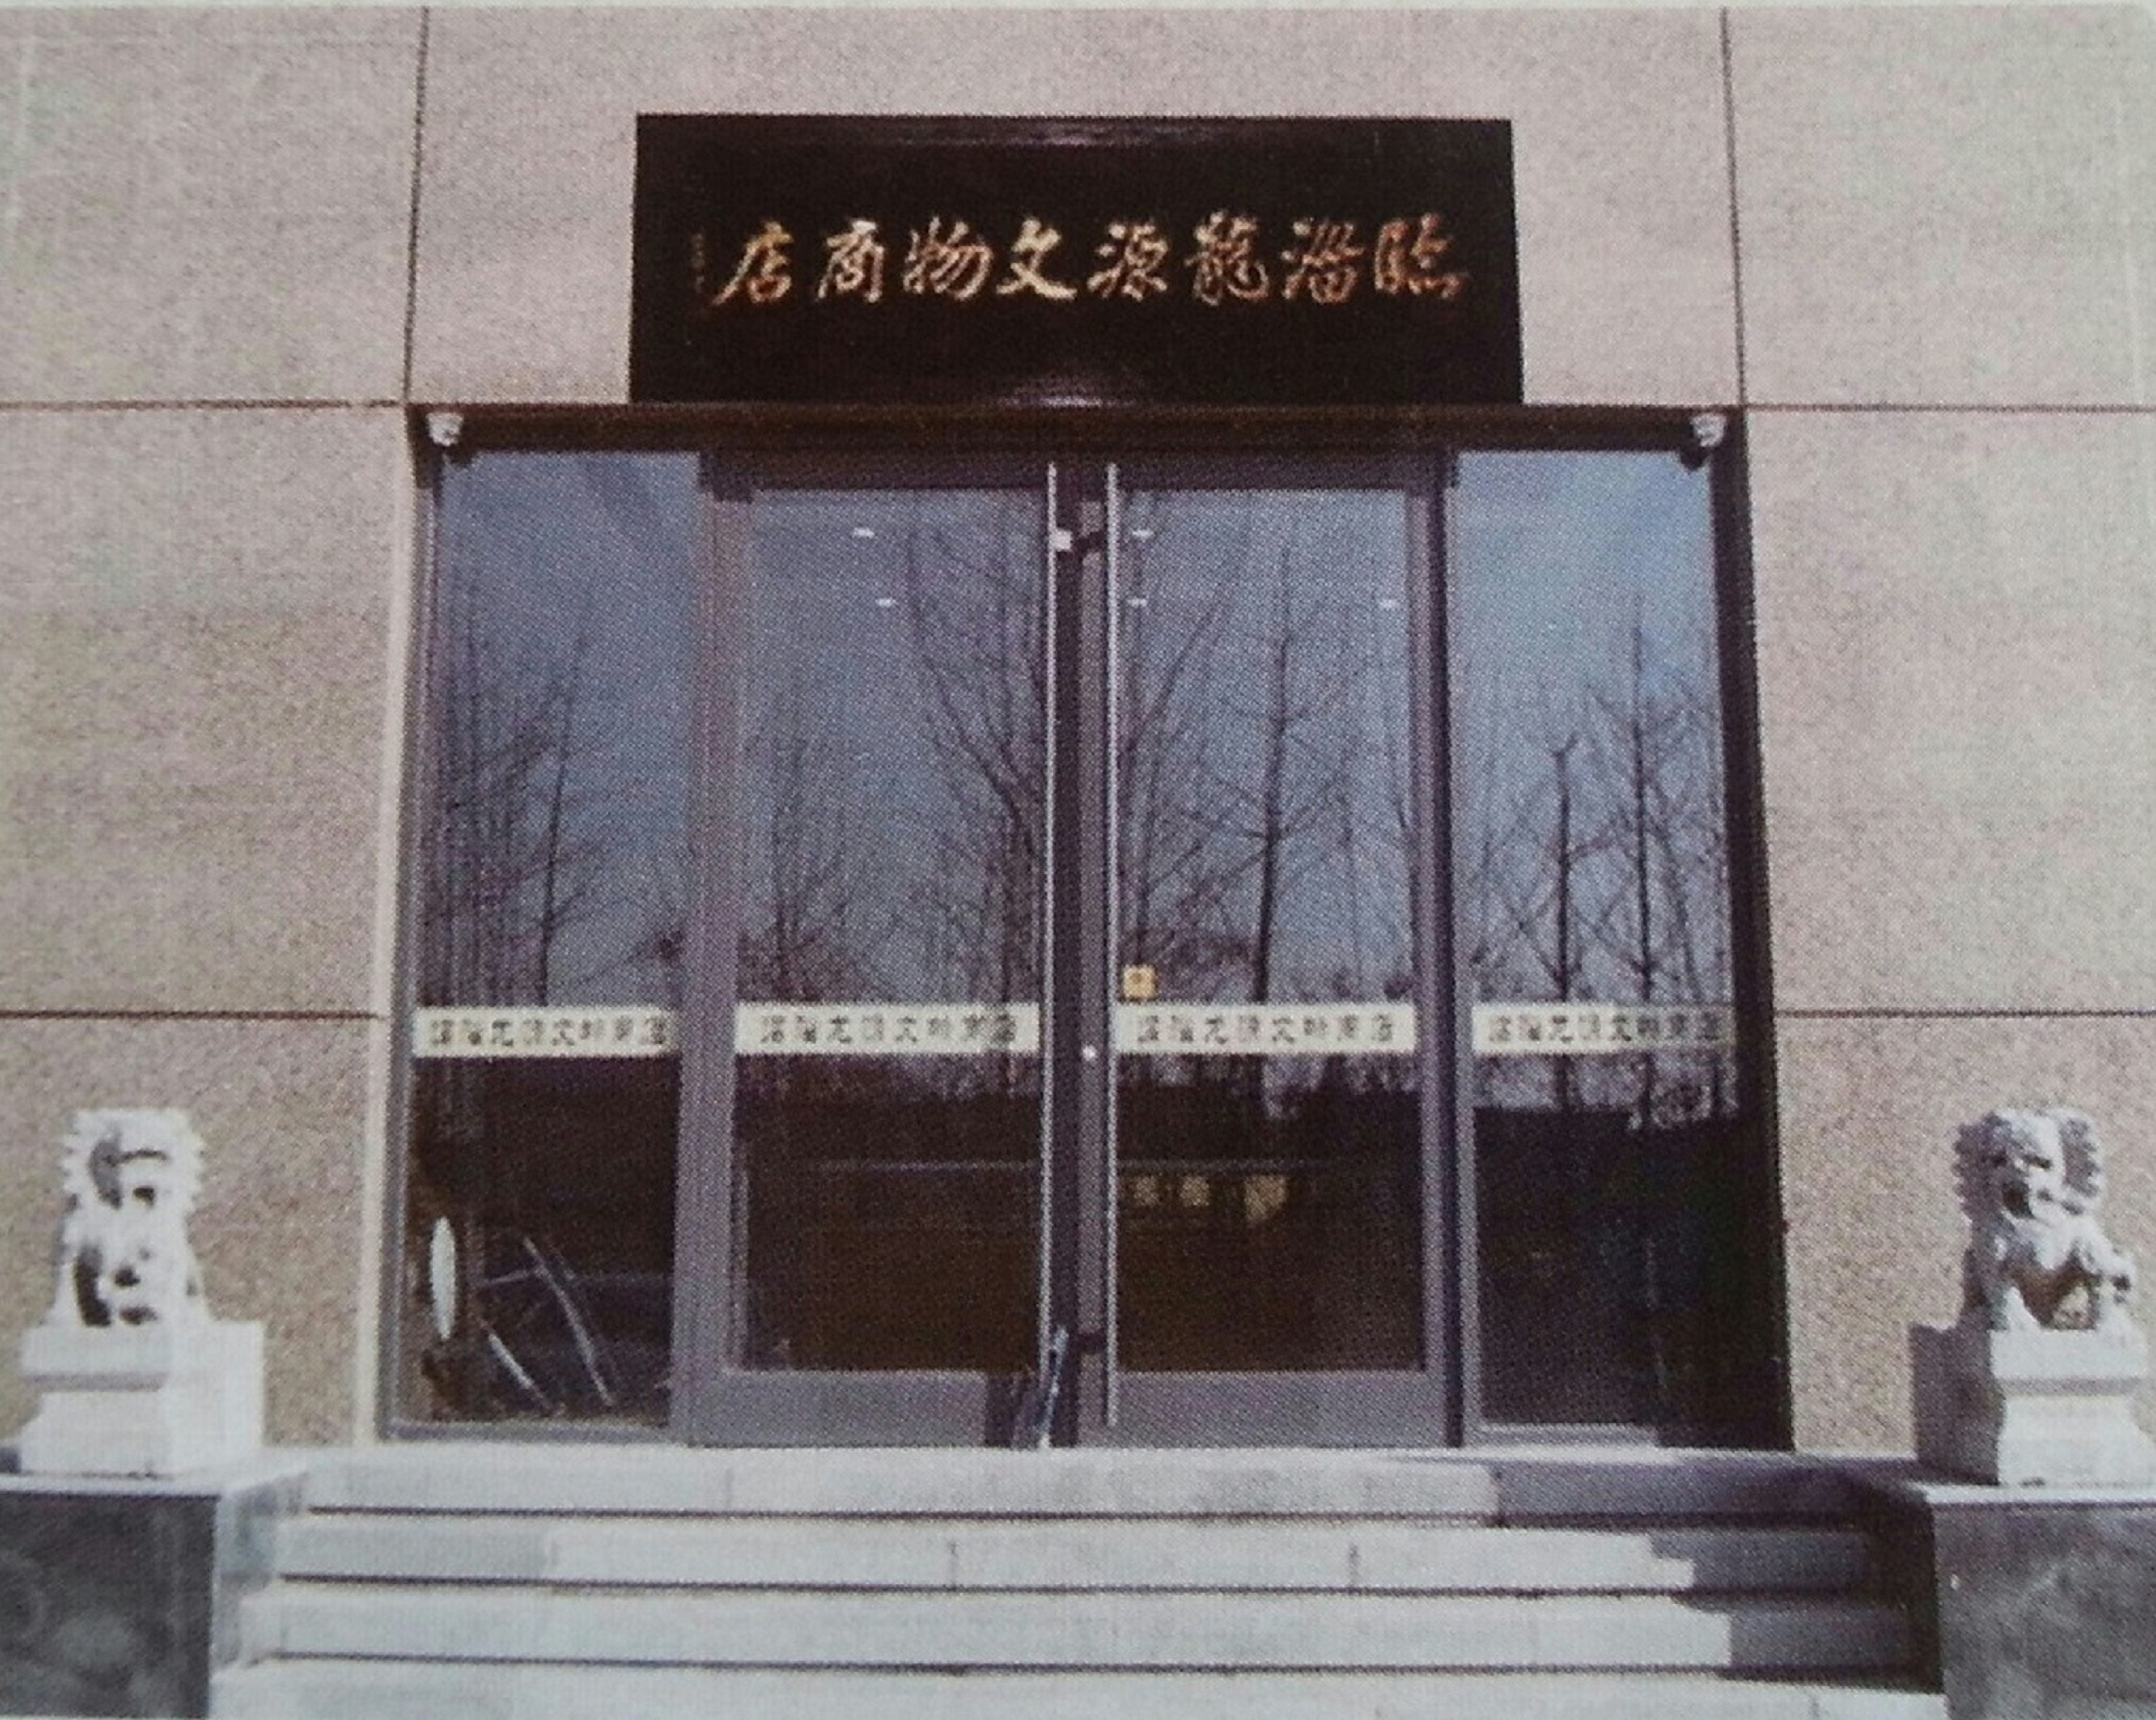 中国著名美术馆:龙源文物商店图片